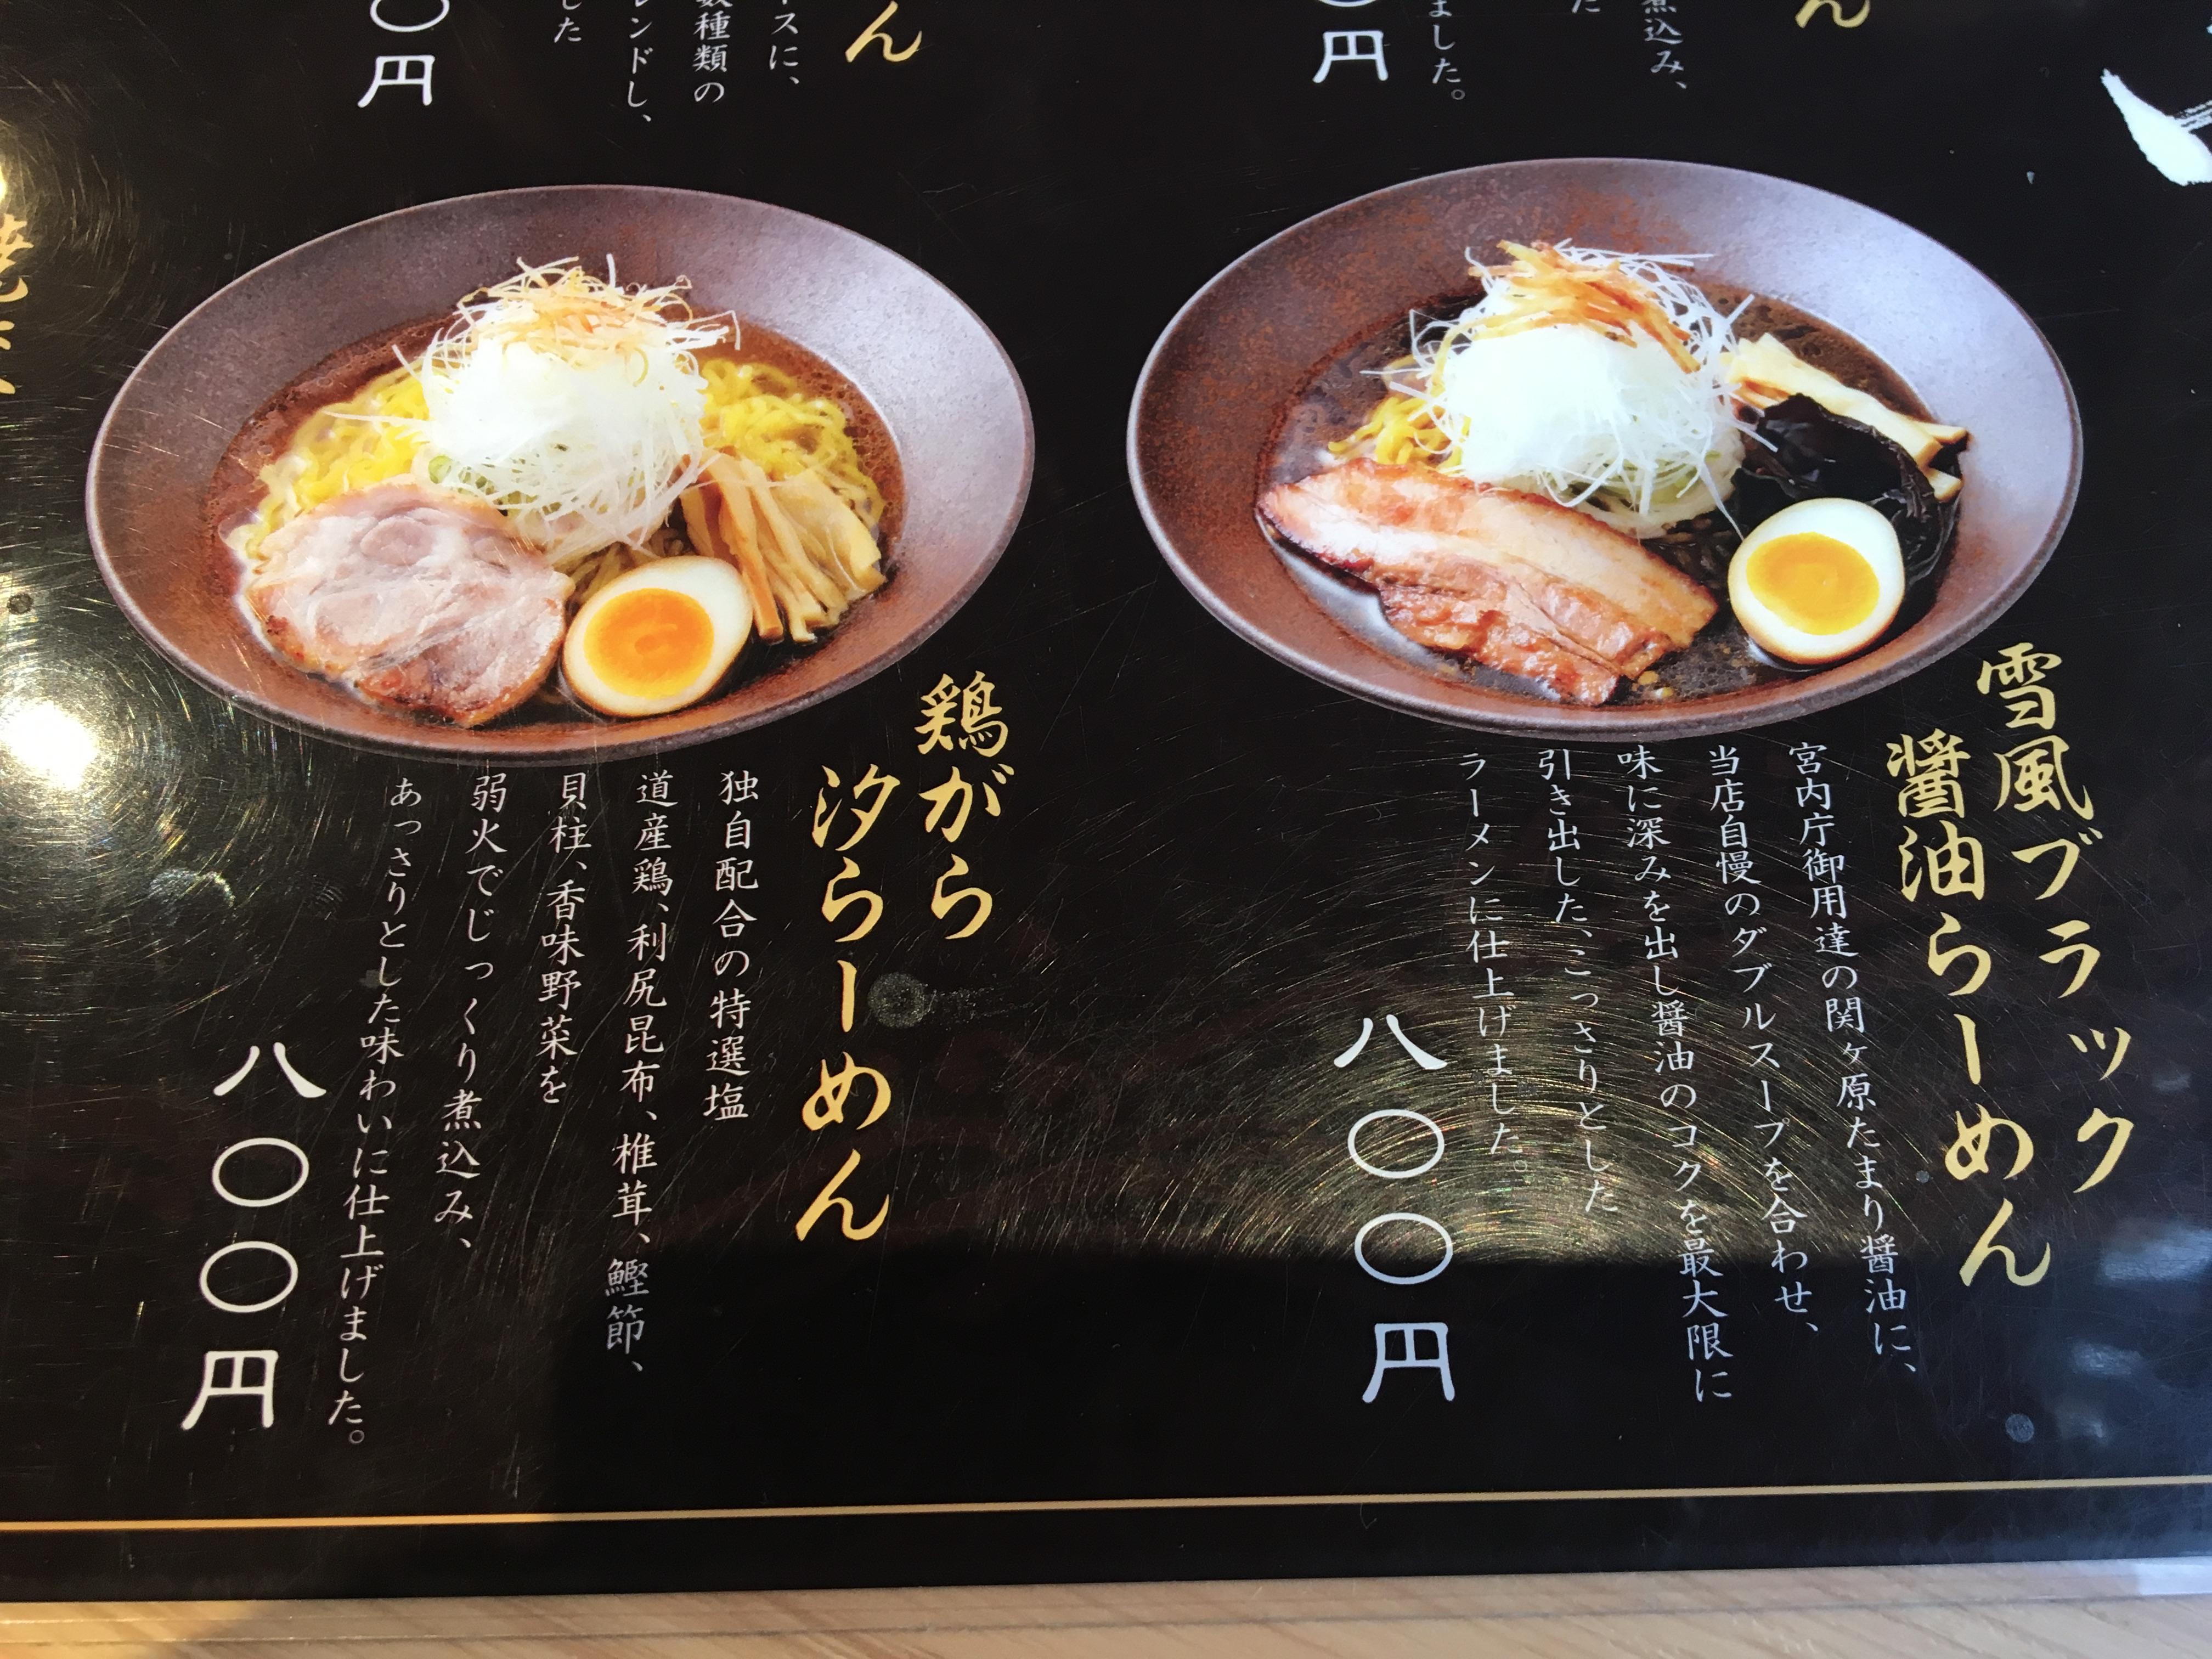 麺屋 雪風(めんや ゆきかぜ) 清田店のメニュー3